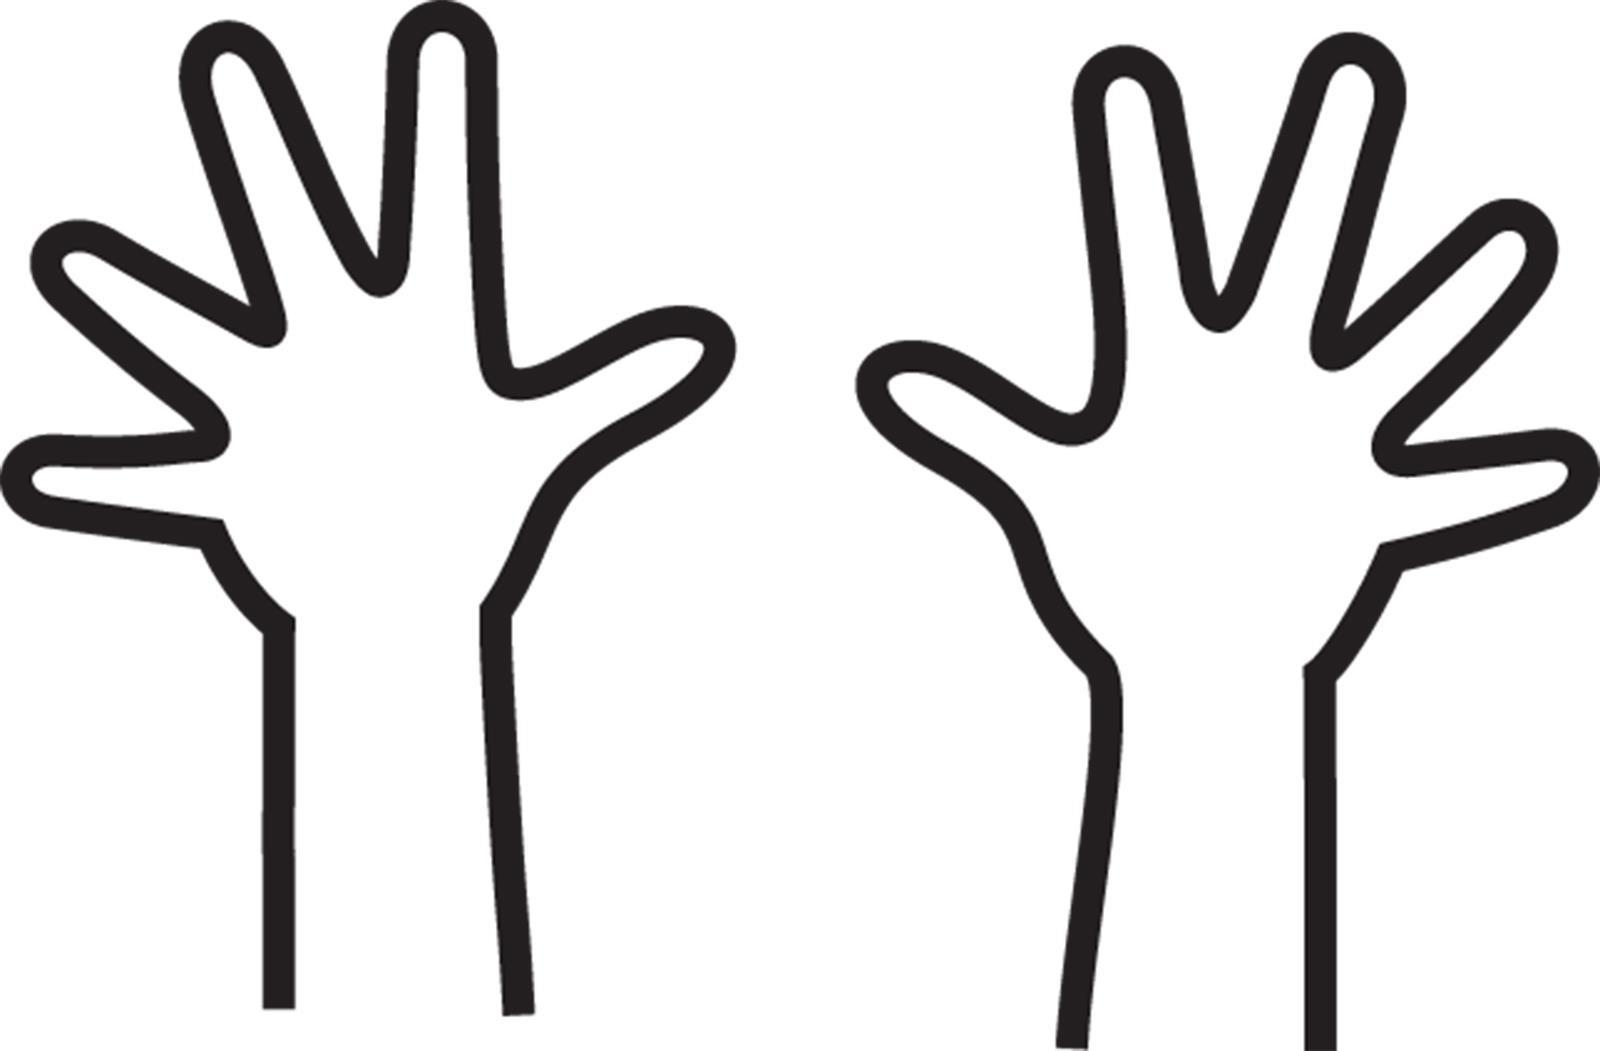 El Sablonlari 2017 Sinif Ogretmenleri Icin Ucretsiz Ozgun